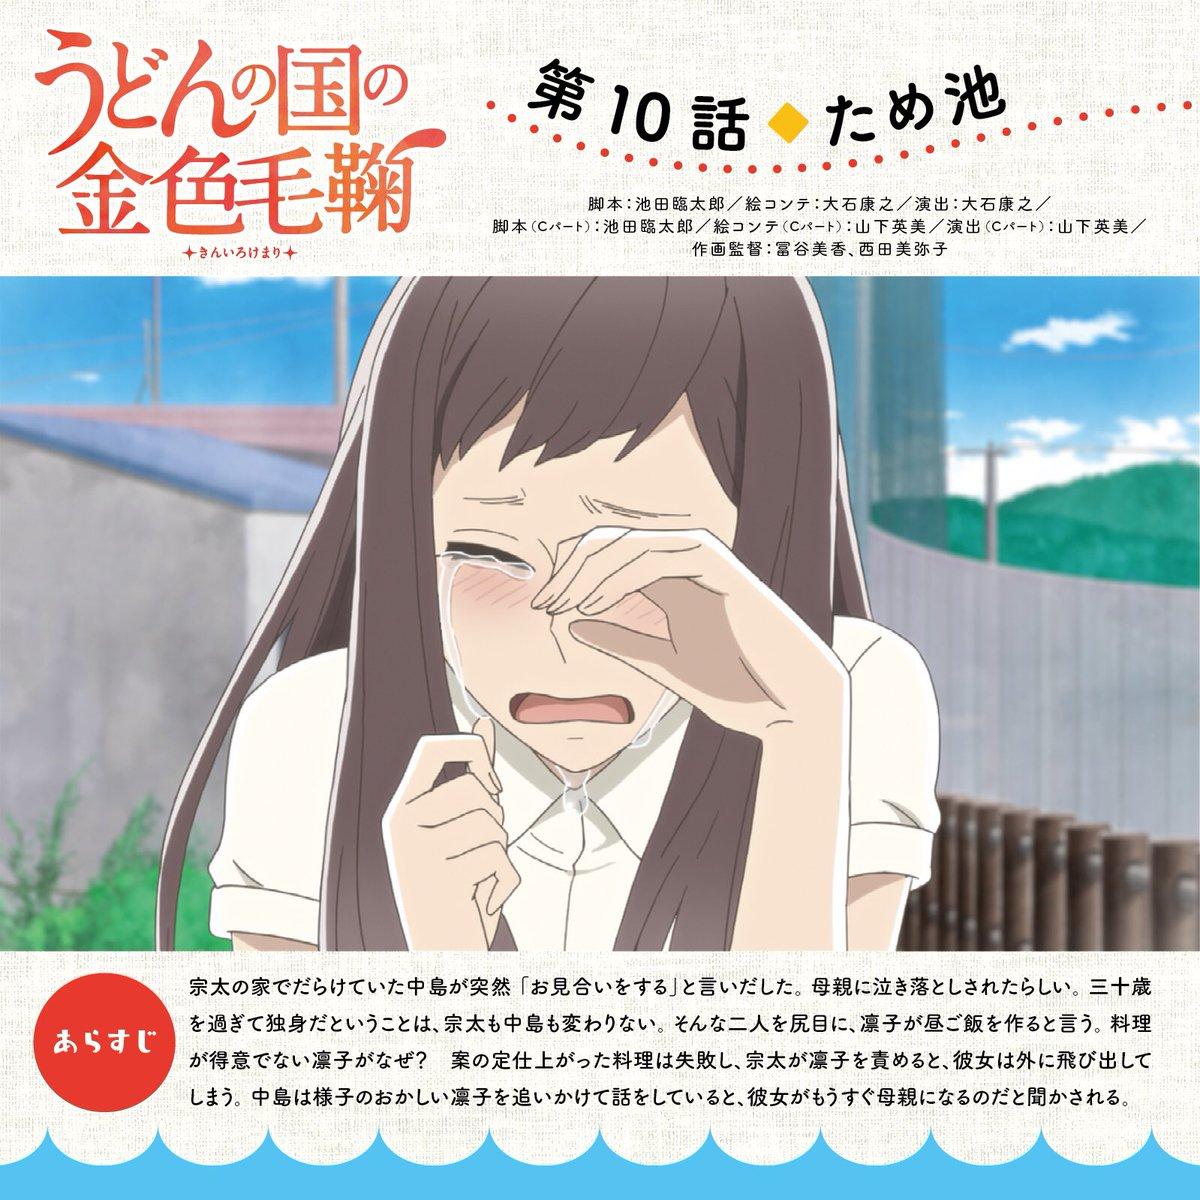 【放送情報:うどんの国の金色毛鞠】本日28:05より、日本テレビにて第10話「ため池」が放送です!突然料理に挑戦すると言